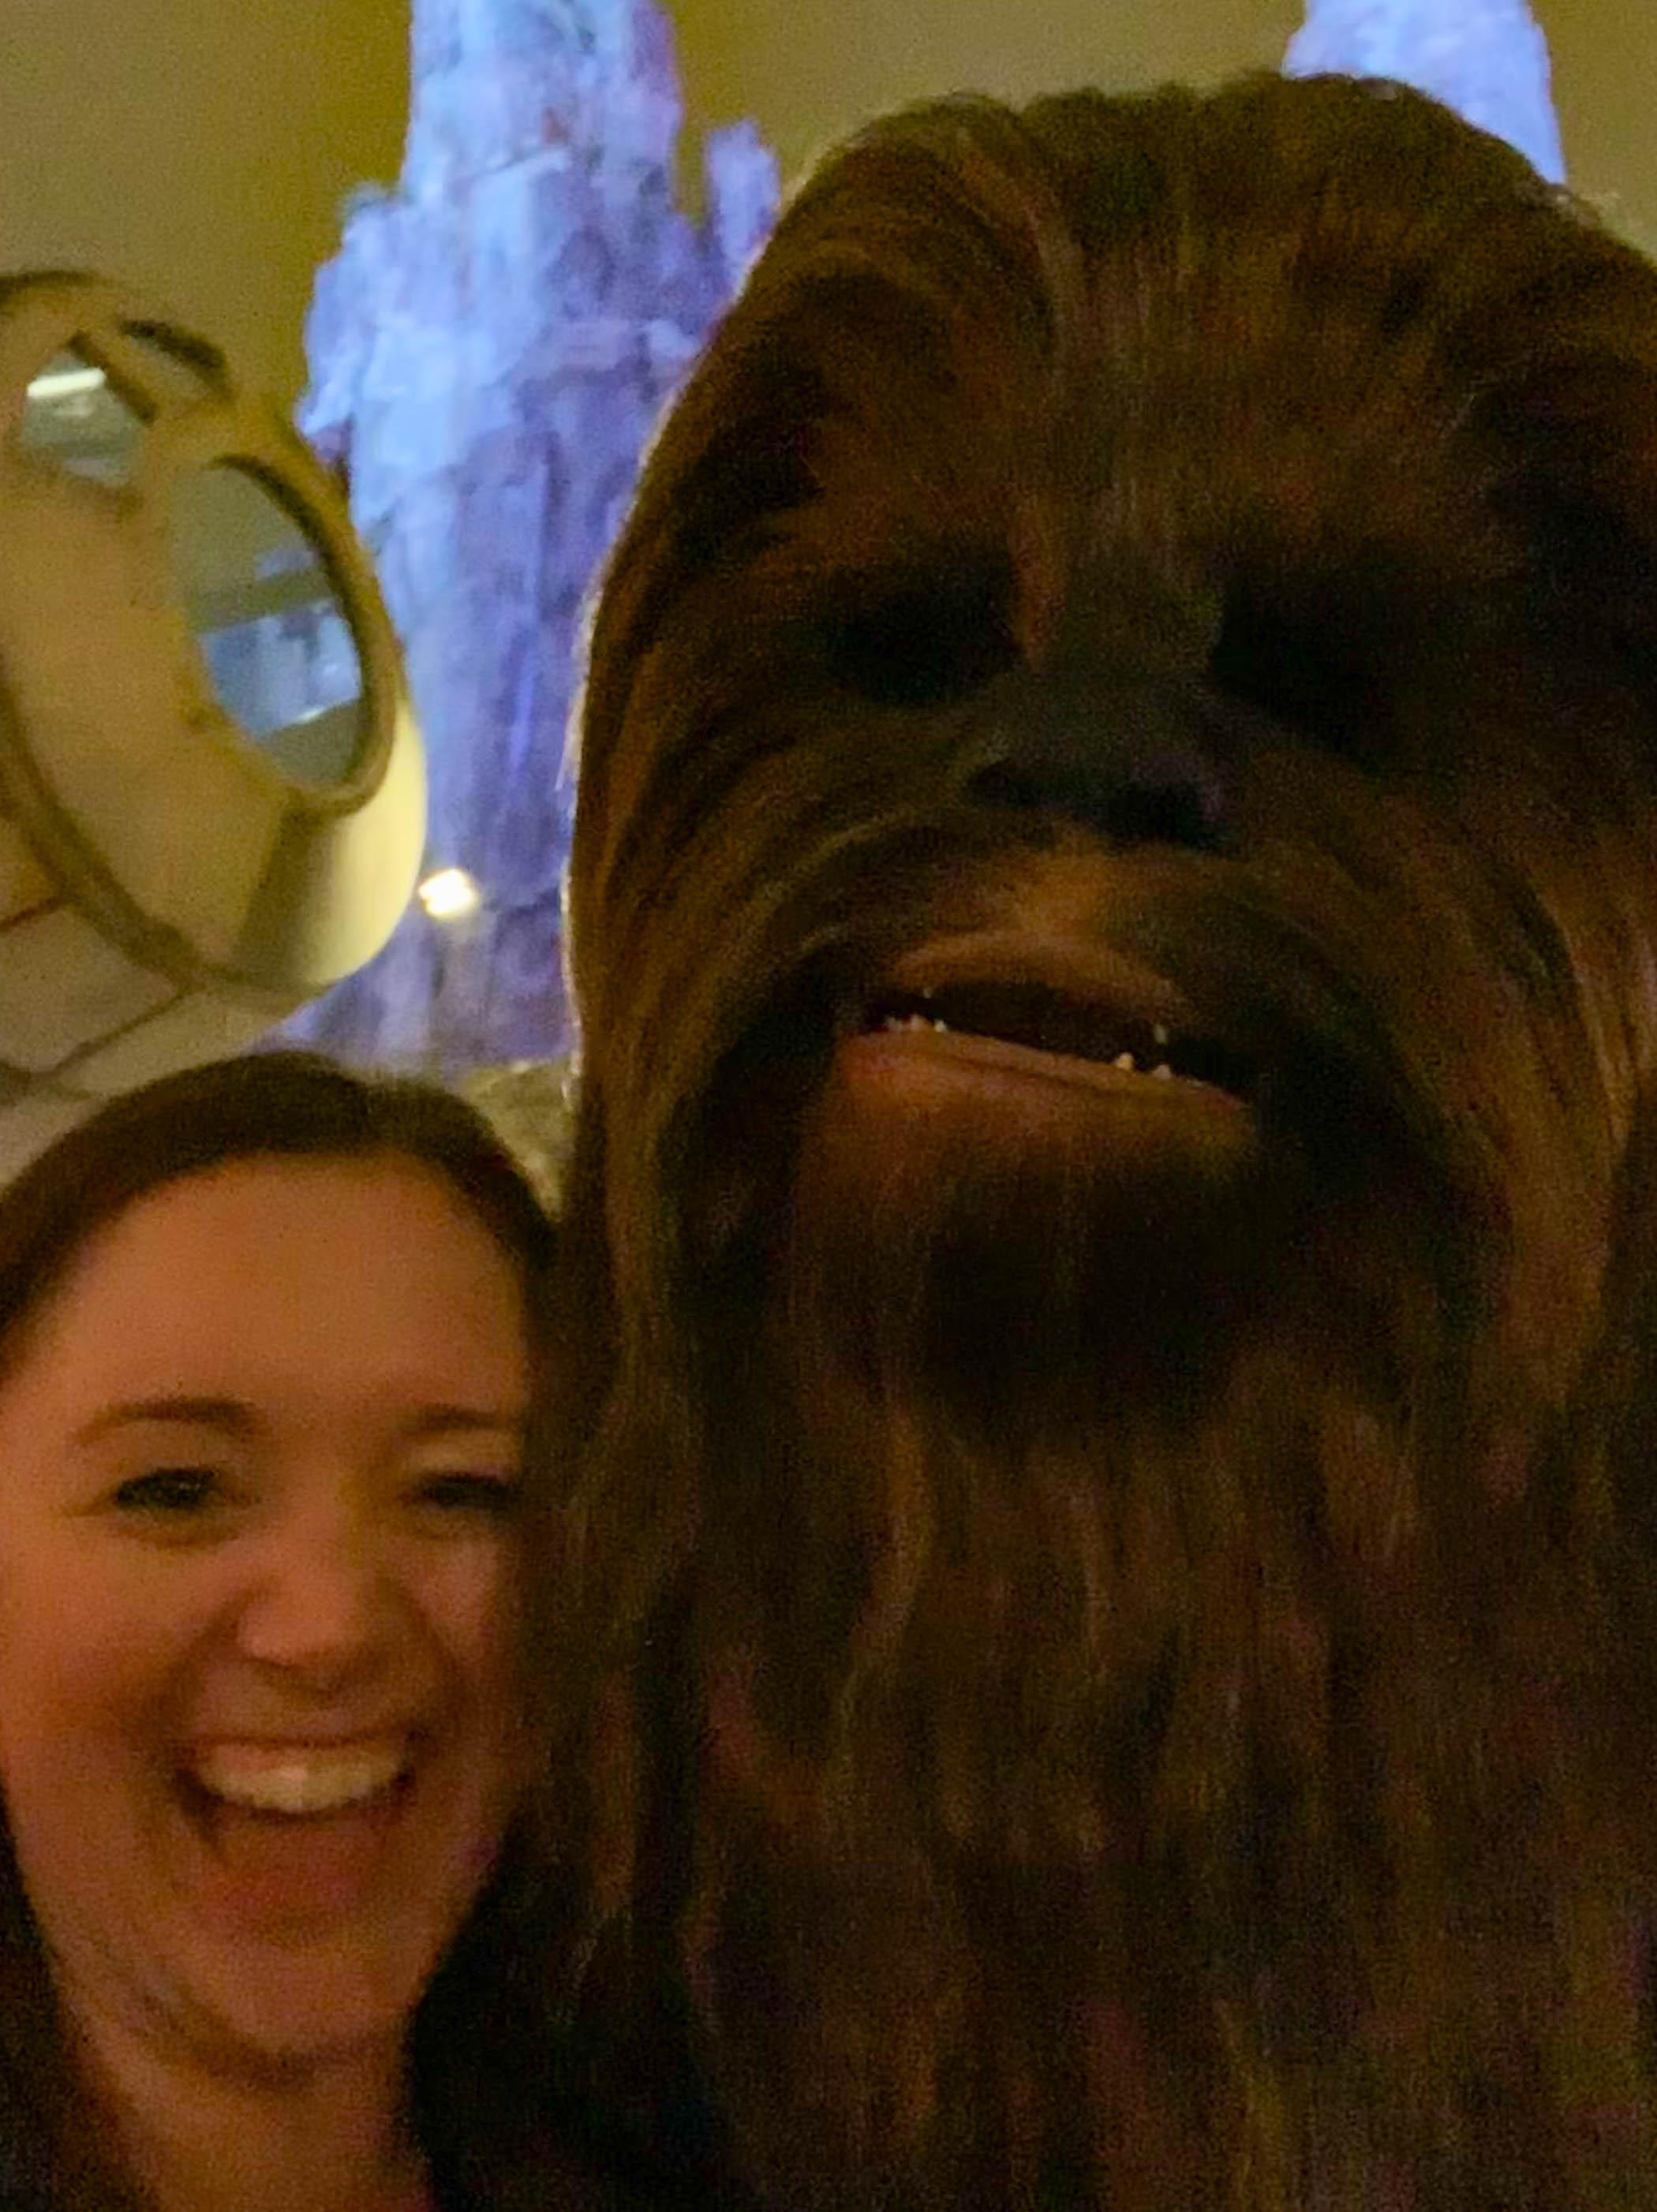 Star Wars Land at Disneyland